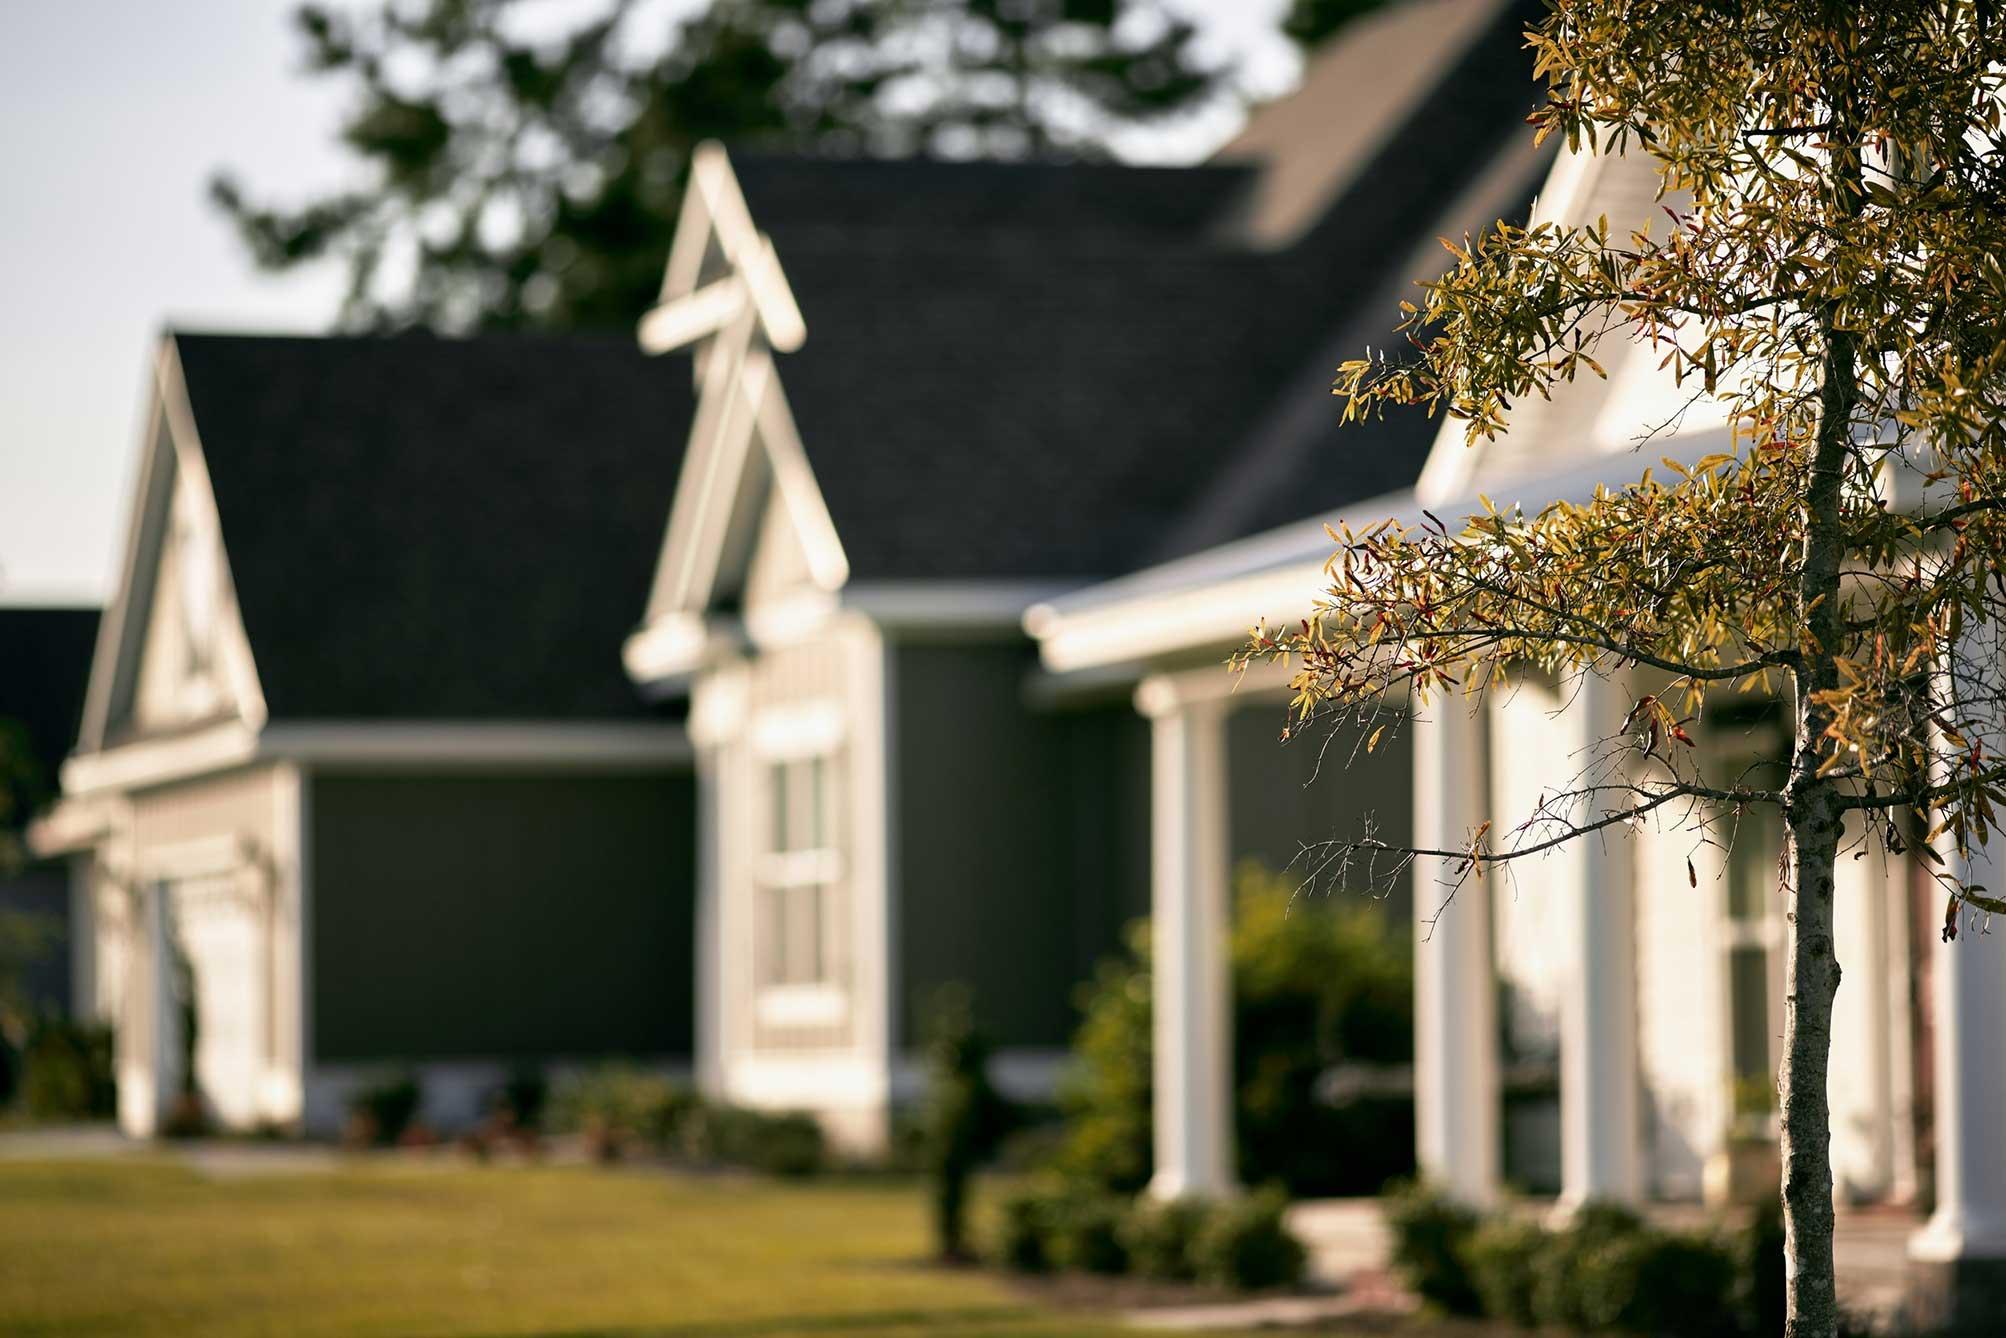 2014 Foreclosure Filings